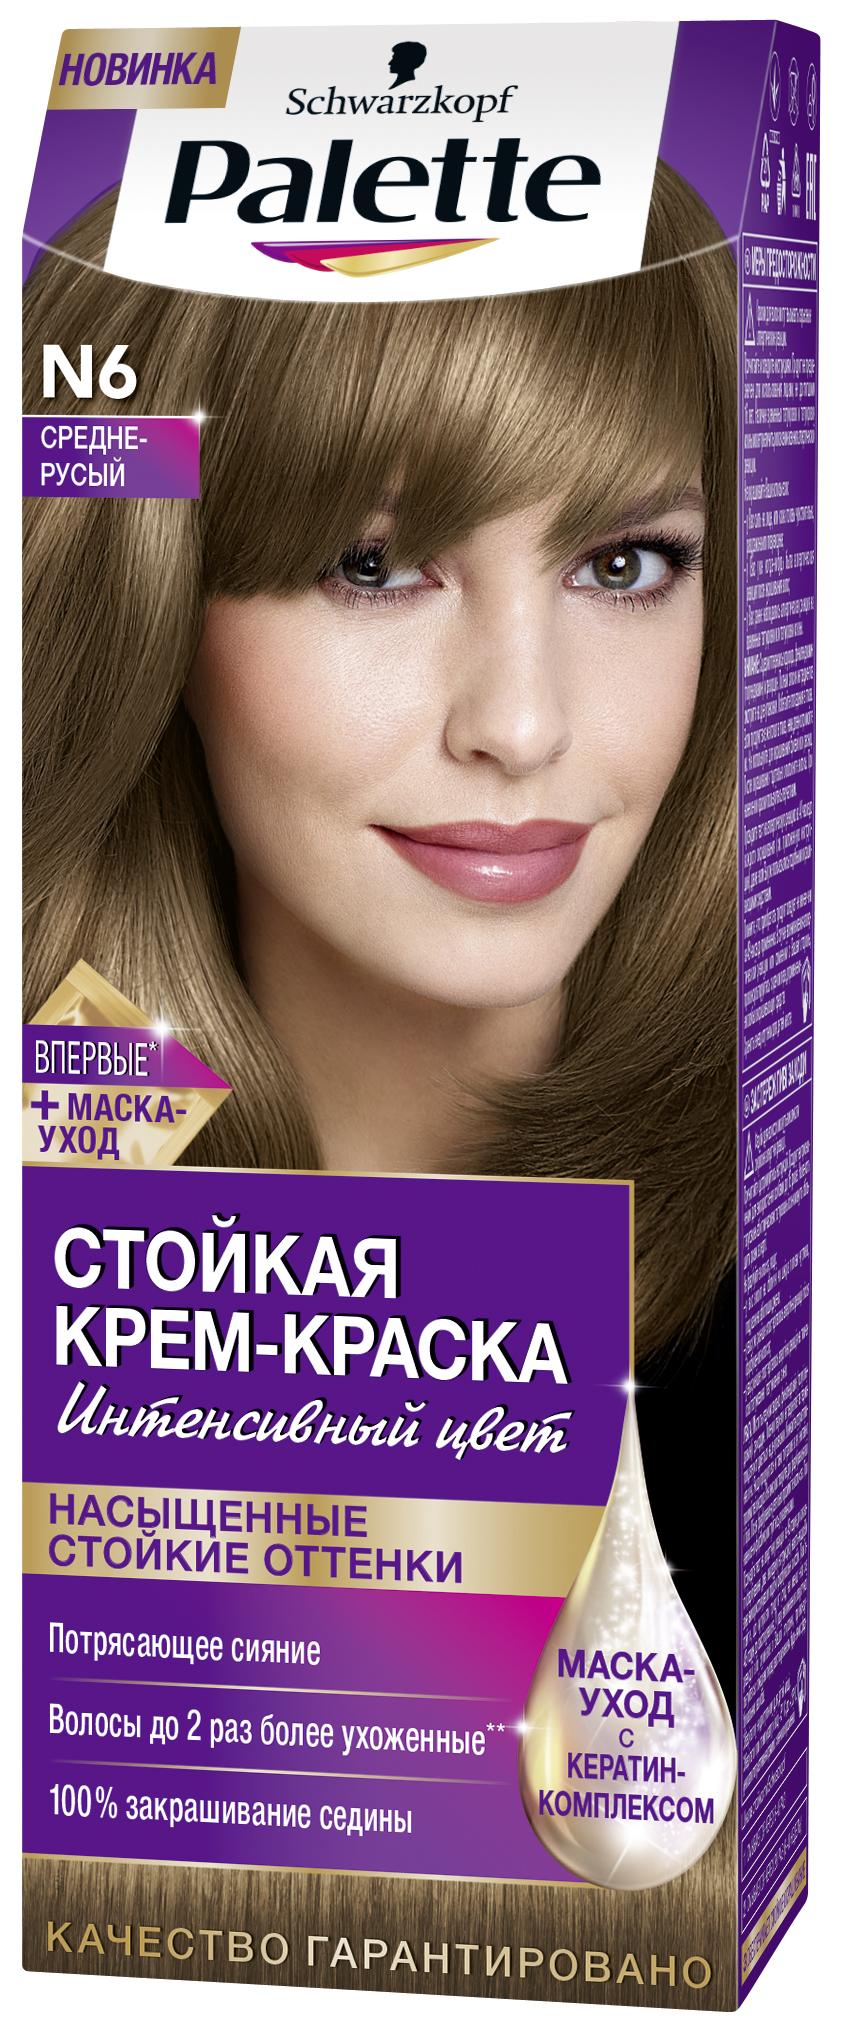 Palette Стойкая крем-краска N6 Средне-русый 110мл09350600Знаменитая краска для волос Palette при использовании тщательно окрашивает волосы, стойко сохраняет цвет, имеет множество разнообразных оттенков на любой, самый взыскательный, вкус.